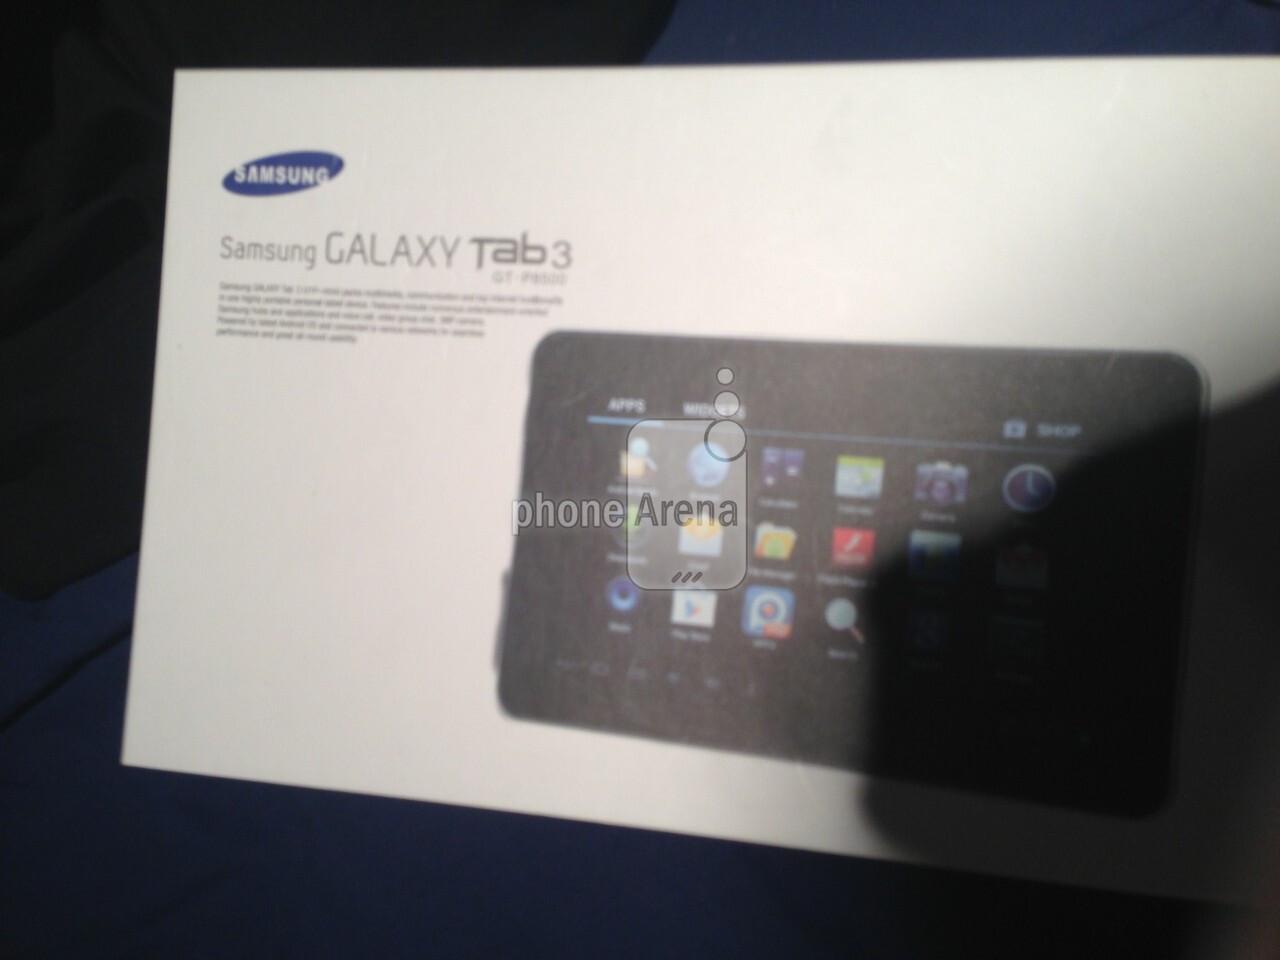 Samsung-Galaxy-Tab-3-jpg.jpg (1280×960)